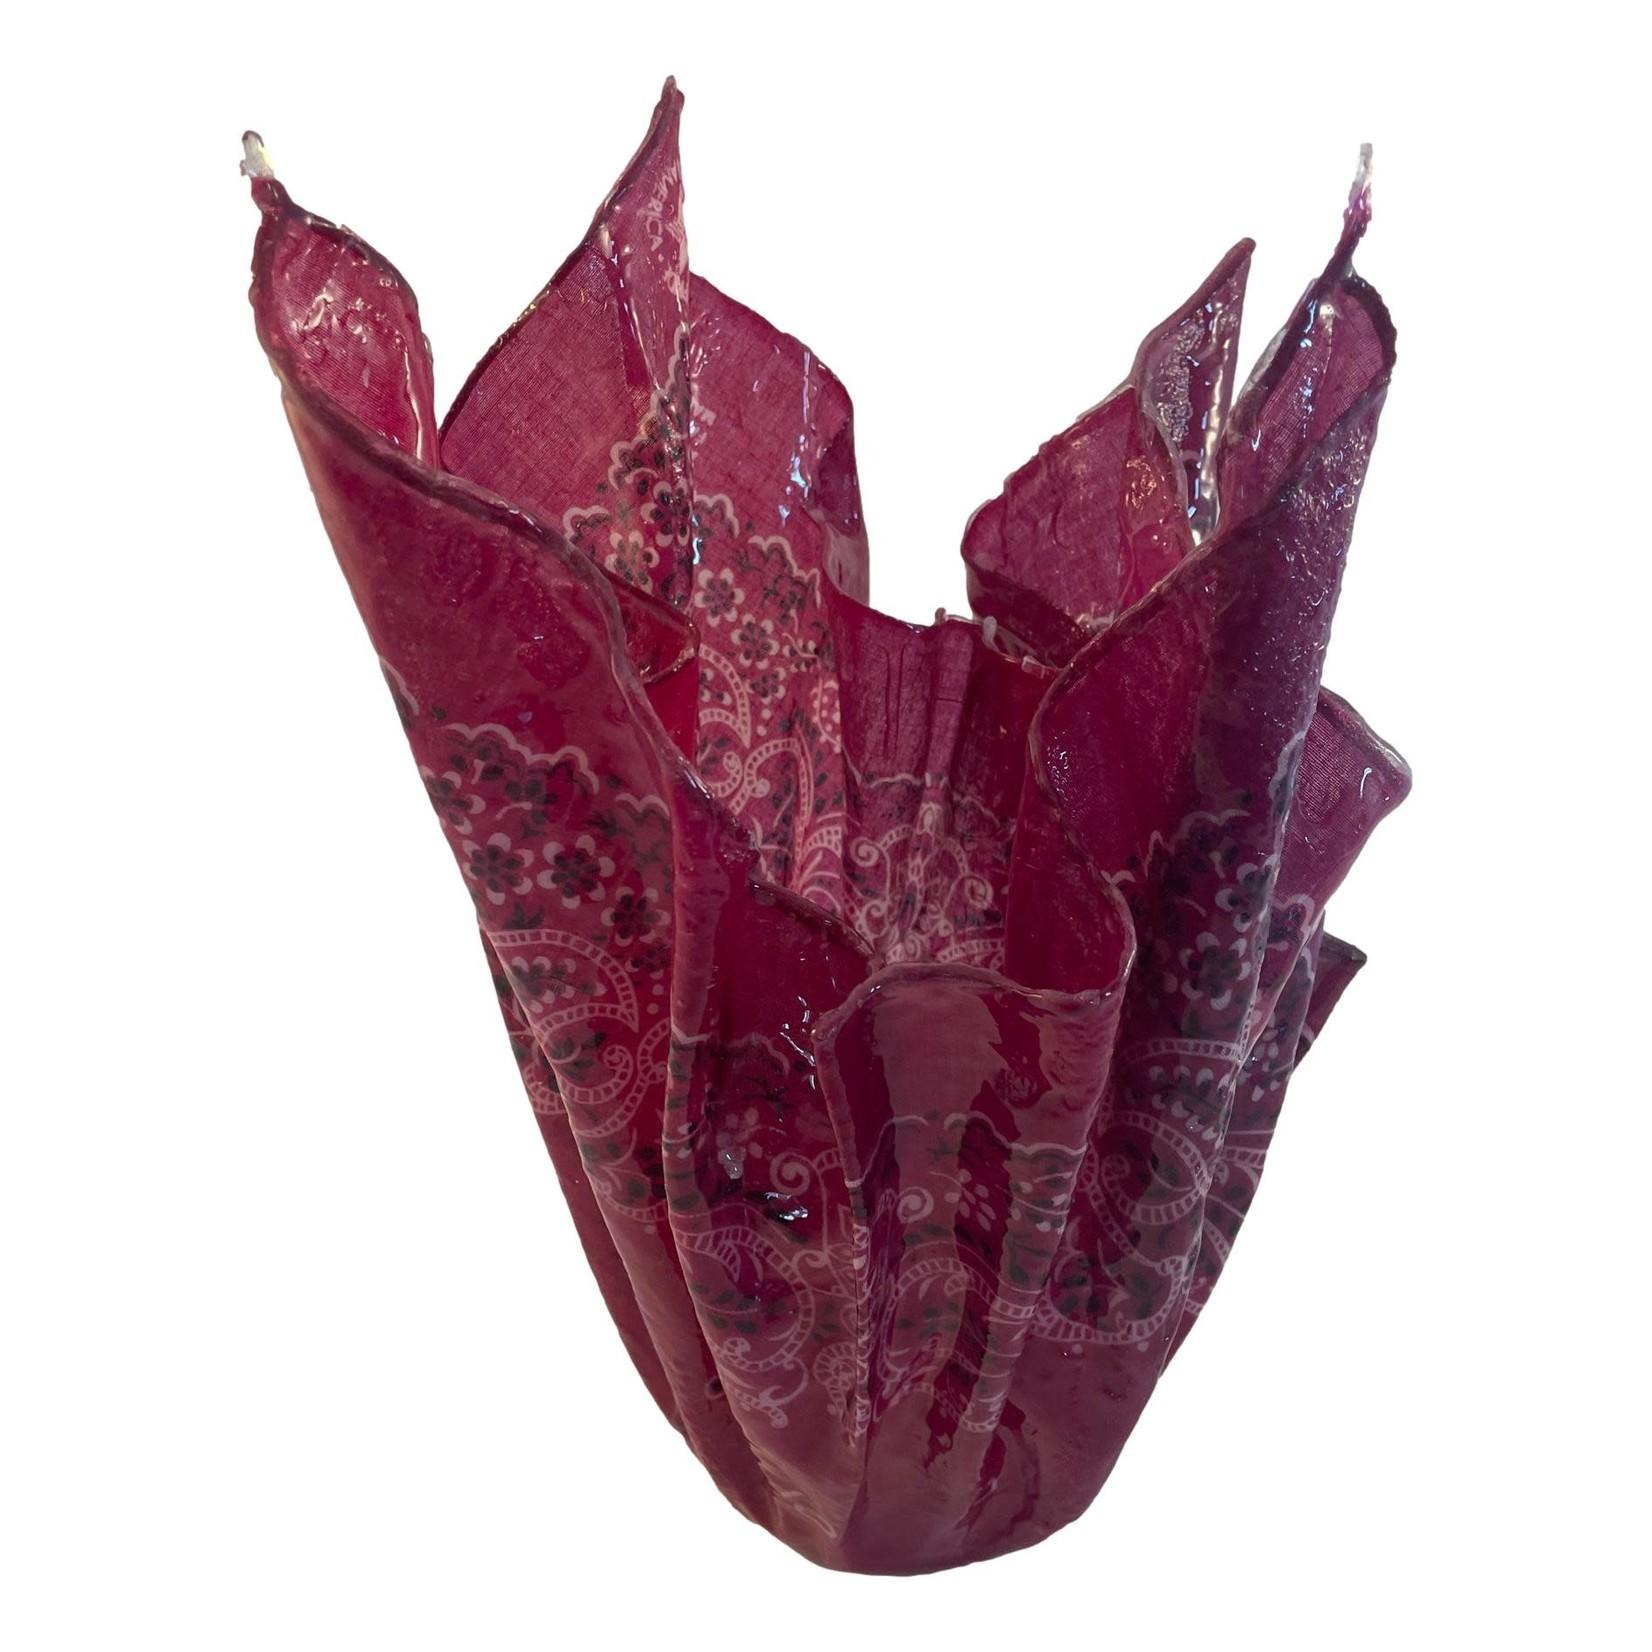 East Coast Sirens Burgundy Hanky Vase